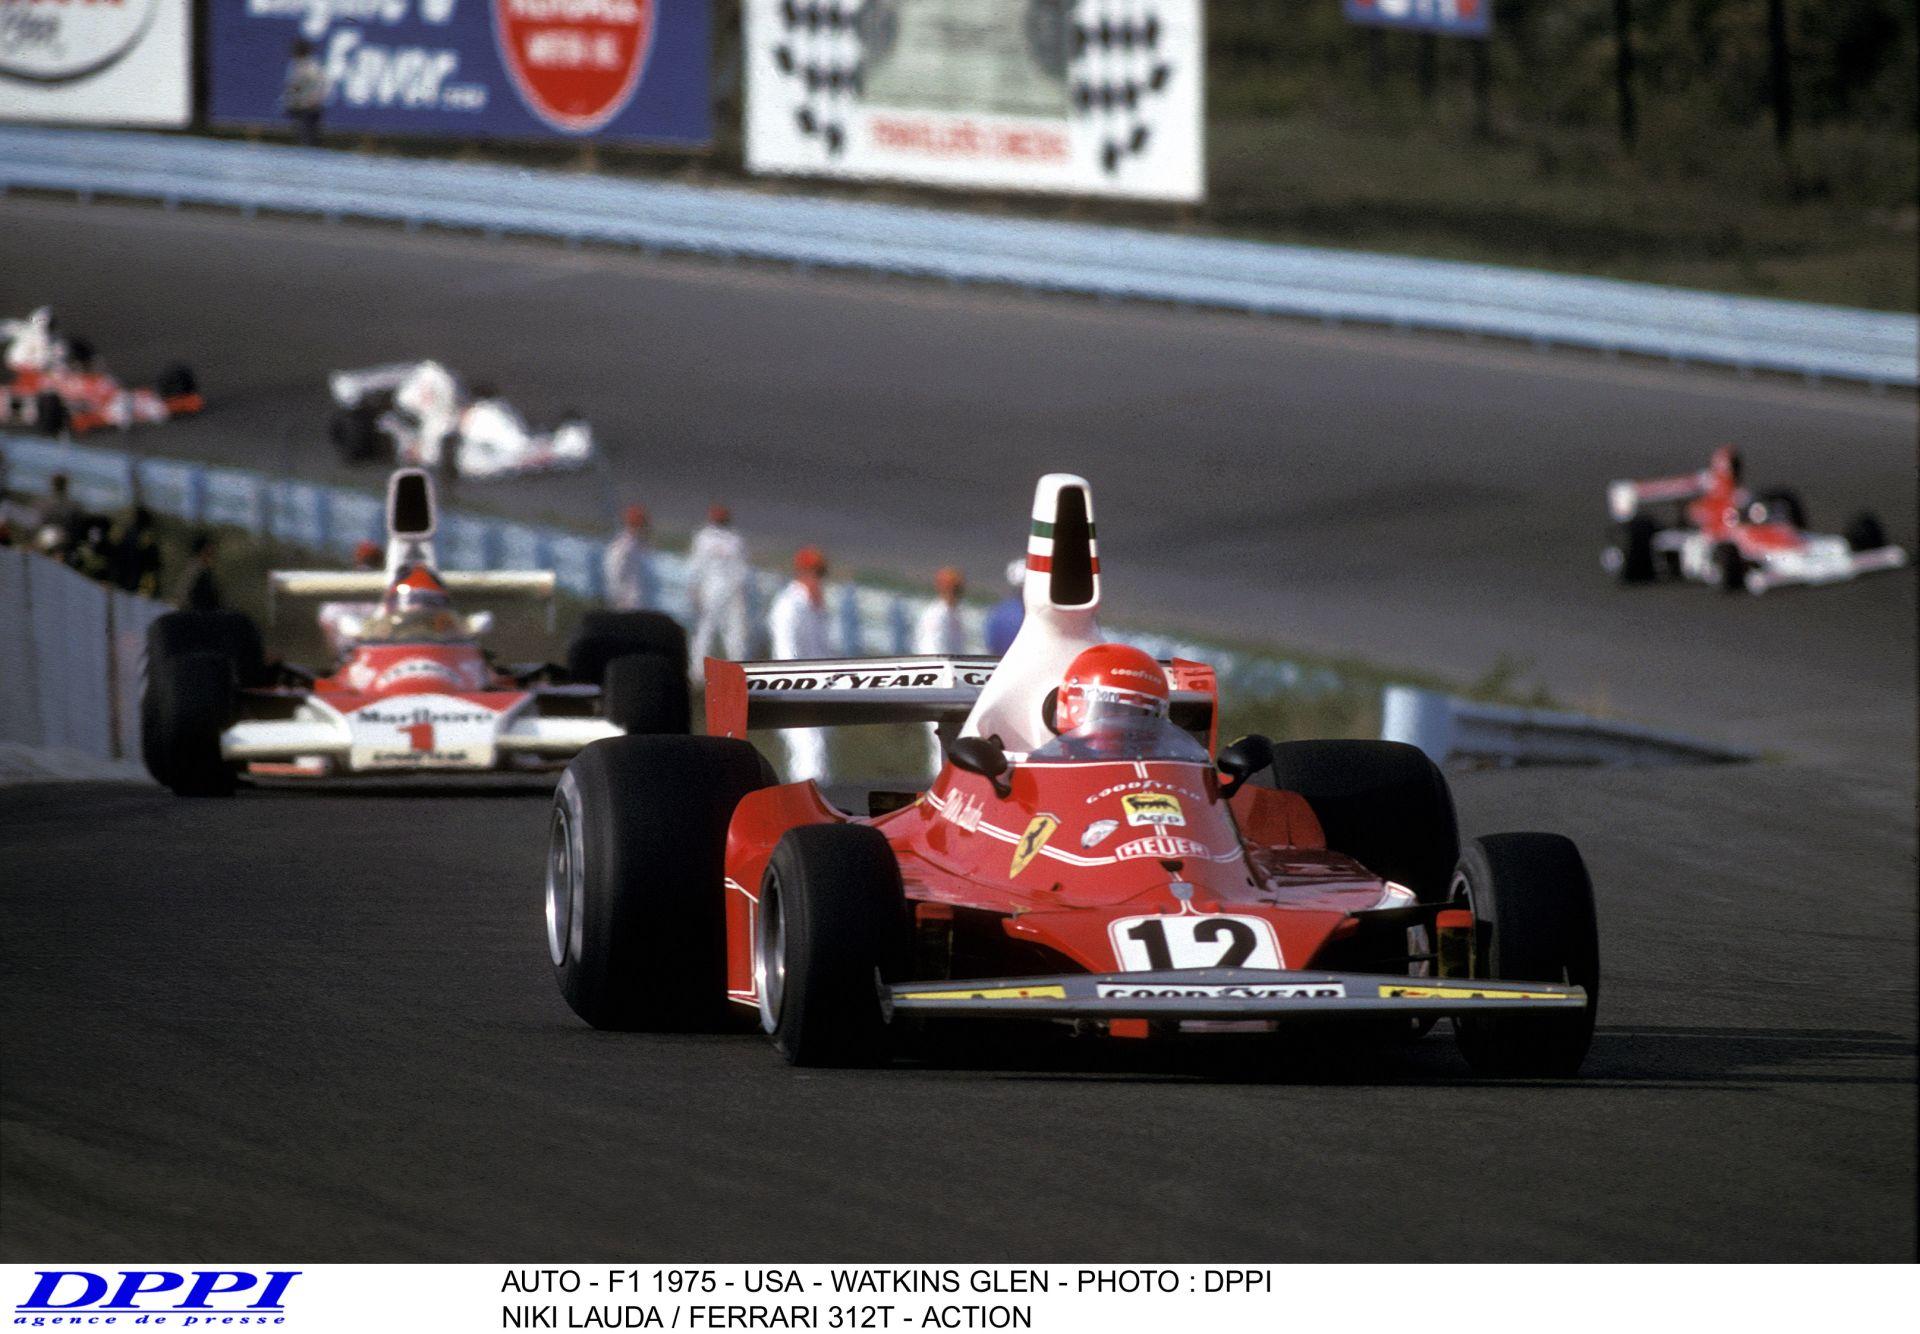 Így nézne ki a modern F1-es Ferrari, ha klónoznák Niki Lauda autójával